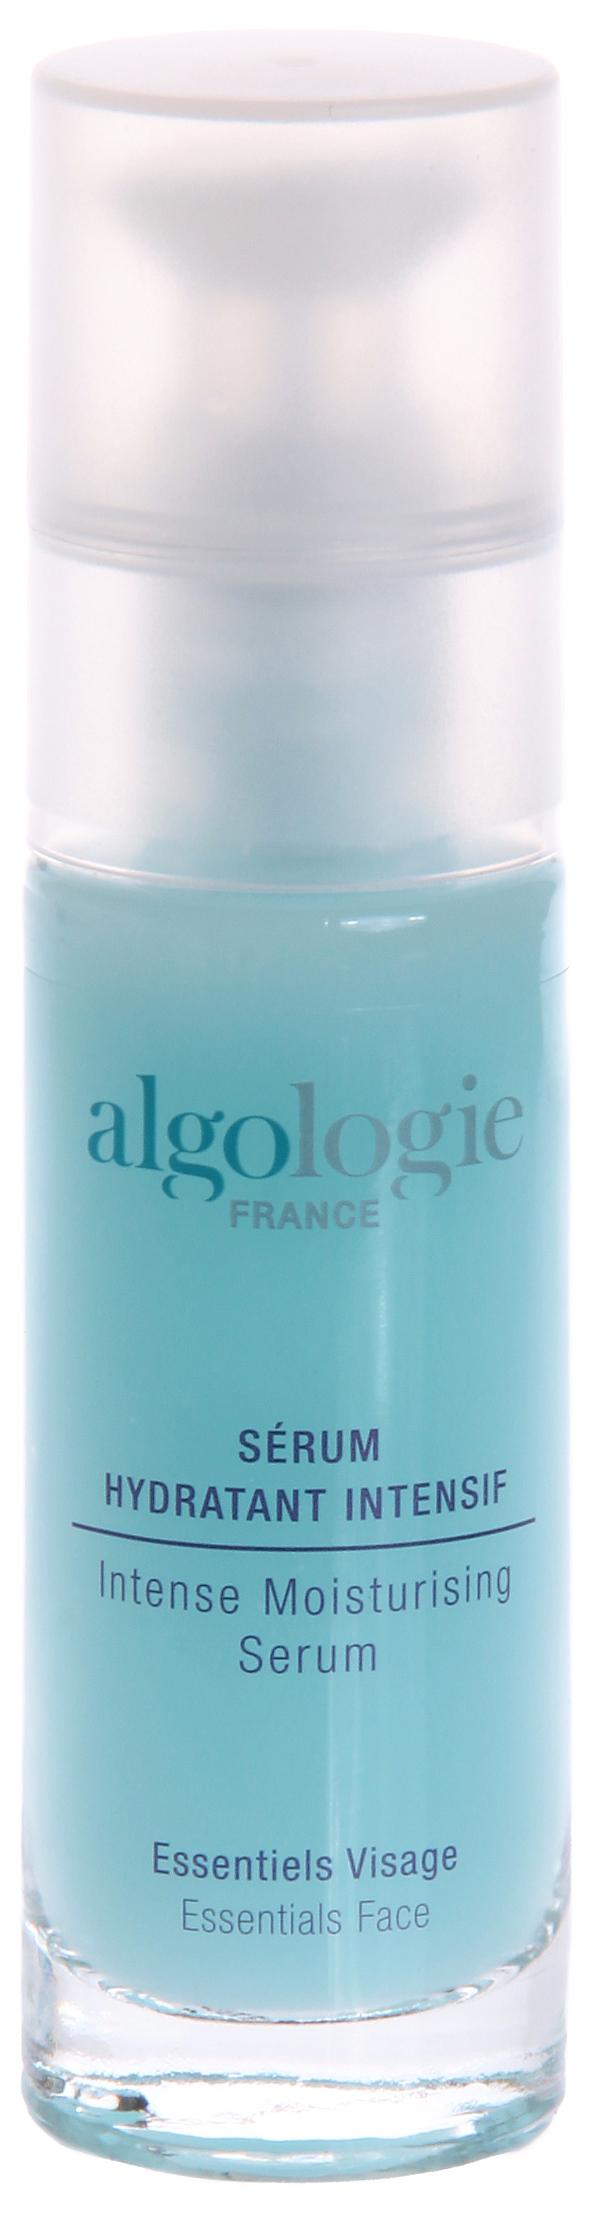 ALGOLOGIE Сыворотка интенсивно увлажняющая 30млСыворотки<br>Жидкий гель с высокой проникающей способностью для обезвоженной кожи. Действие: Высокоэффективный состав сыворотки обеспечивает оптимальное увлажнение кожи, восстанавливает ее защитную гидролипидную пленку. Активные ингредиенты: увлажняющий биокомплекс &amp;ndash; 5% (экстракты окопника и индийского подорожника, гидролизат протеинов пшеницы), аминокислоты (глутамин, пролин, лейцин, серин), мукополисахариды &amp;ndash; 4% (ходроинтинсульфат натрия, гиалуронат натрия), кодиавален. Домашнее применение: взболтать перед применением. Наносить небольшое количество сыворотки легкими массажными движениями до полного впитывания утром и/или вечером на очищенную кожу лица, шеи и декольте. Затем использовать Крем защитный увлажняющий или Крем регенерирующий от морщин с ДНК.<br><br>Объем: 30<br>Вид средства для лица: Увлажняющий<br>Типы кожи: Сухая и обезвоженная<br>Назначение: Морщины<br>Консистенция: Жидкая